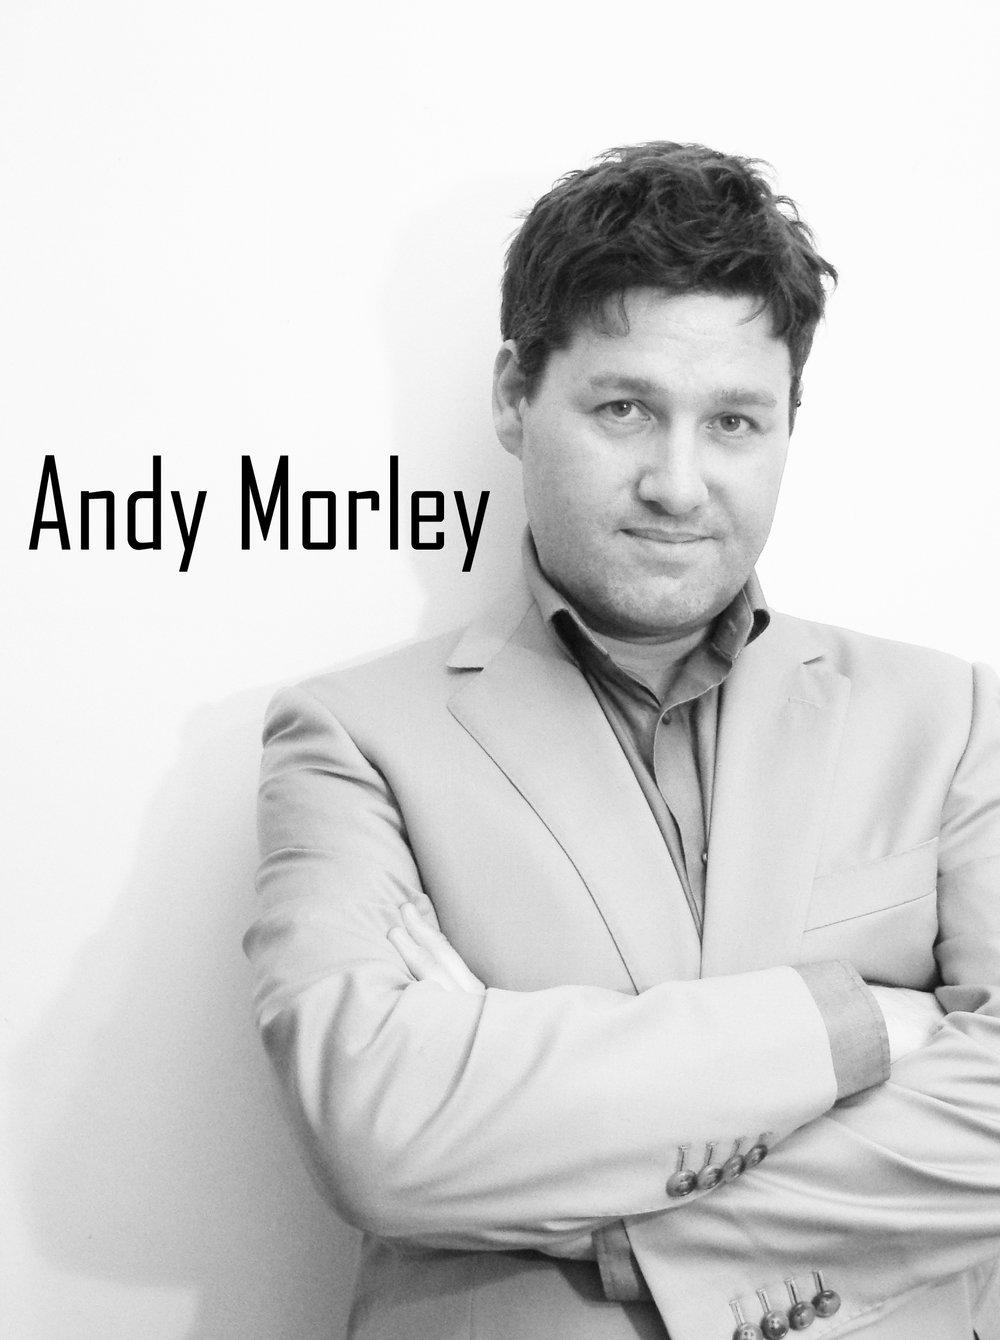 Andy Morley Suit Lean 1.jpg